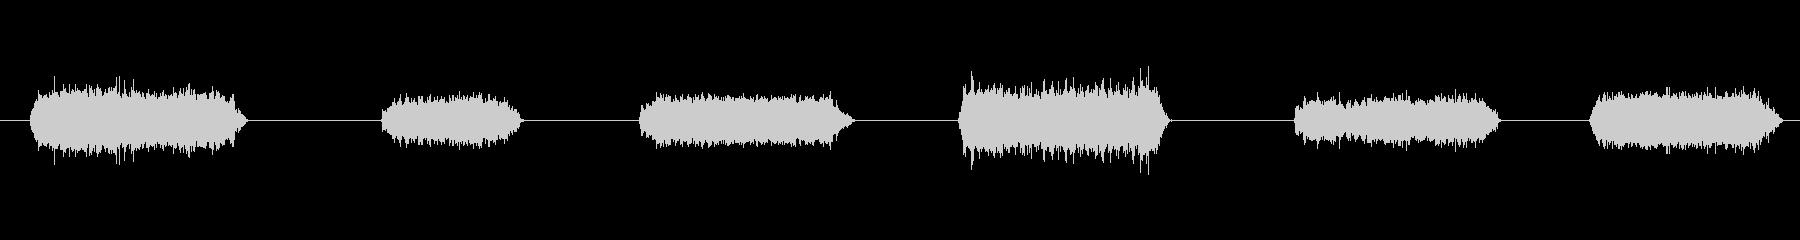 1986リンカーンタウンカー:パワ...の未再生の波形